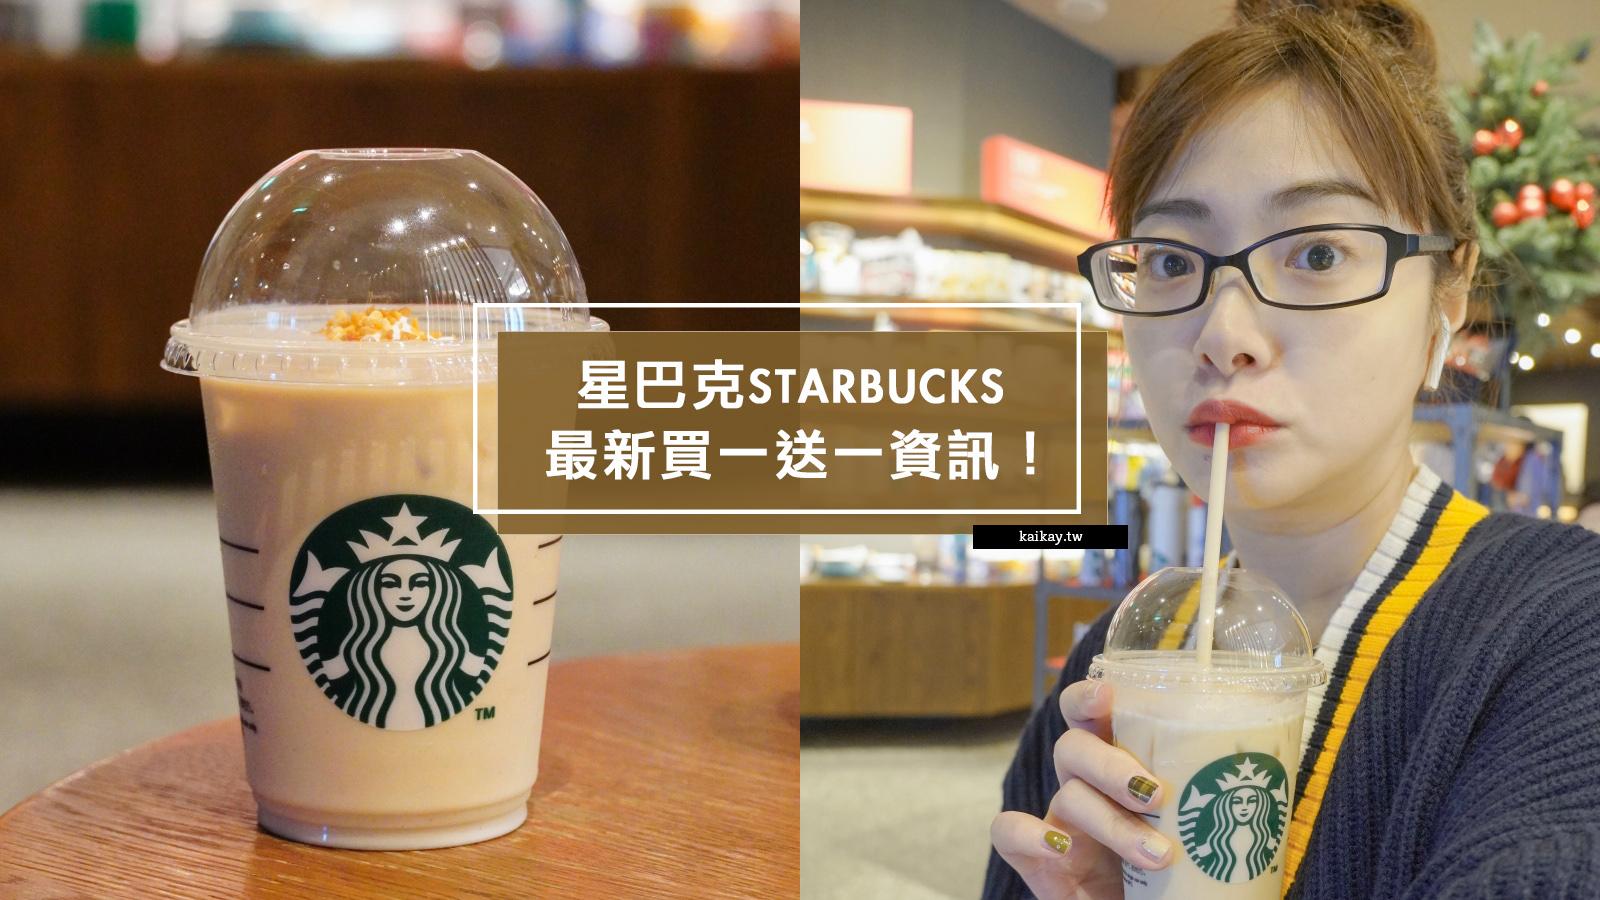 網站近期文章:☆【優惠】2020 星巴克Starbucks買一送一 最新優惠活動(更新中)